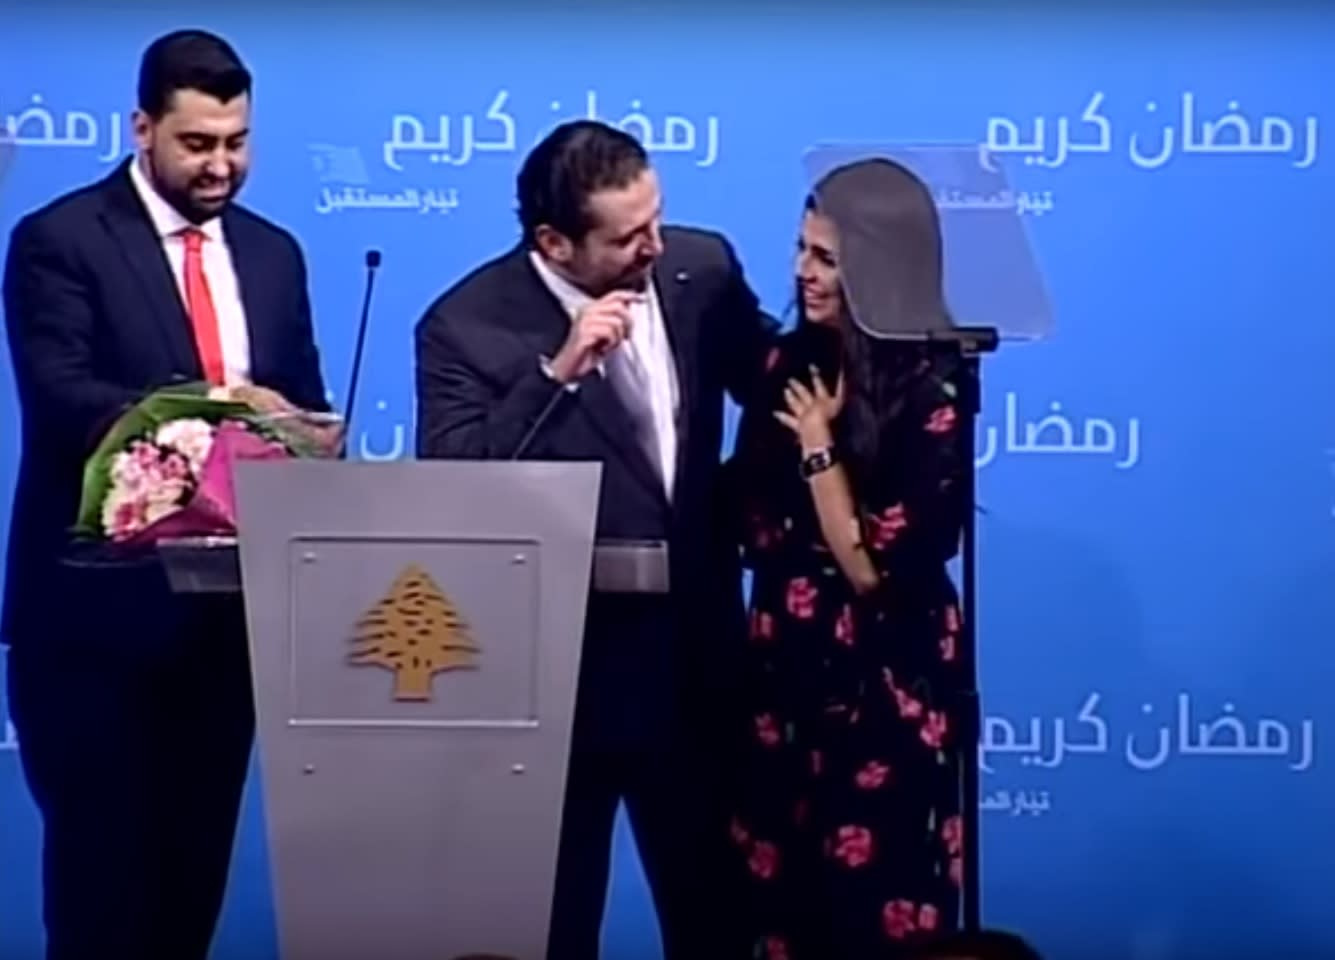 شاهد.. رئيس وزراء لبنان يفاجئ فتاة بعرض زواج أثناء حفل إفطار في بيروت